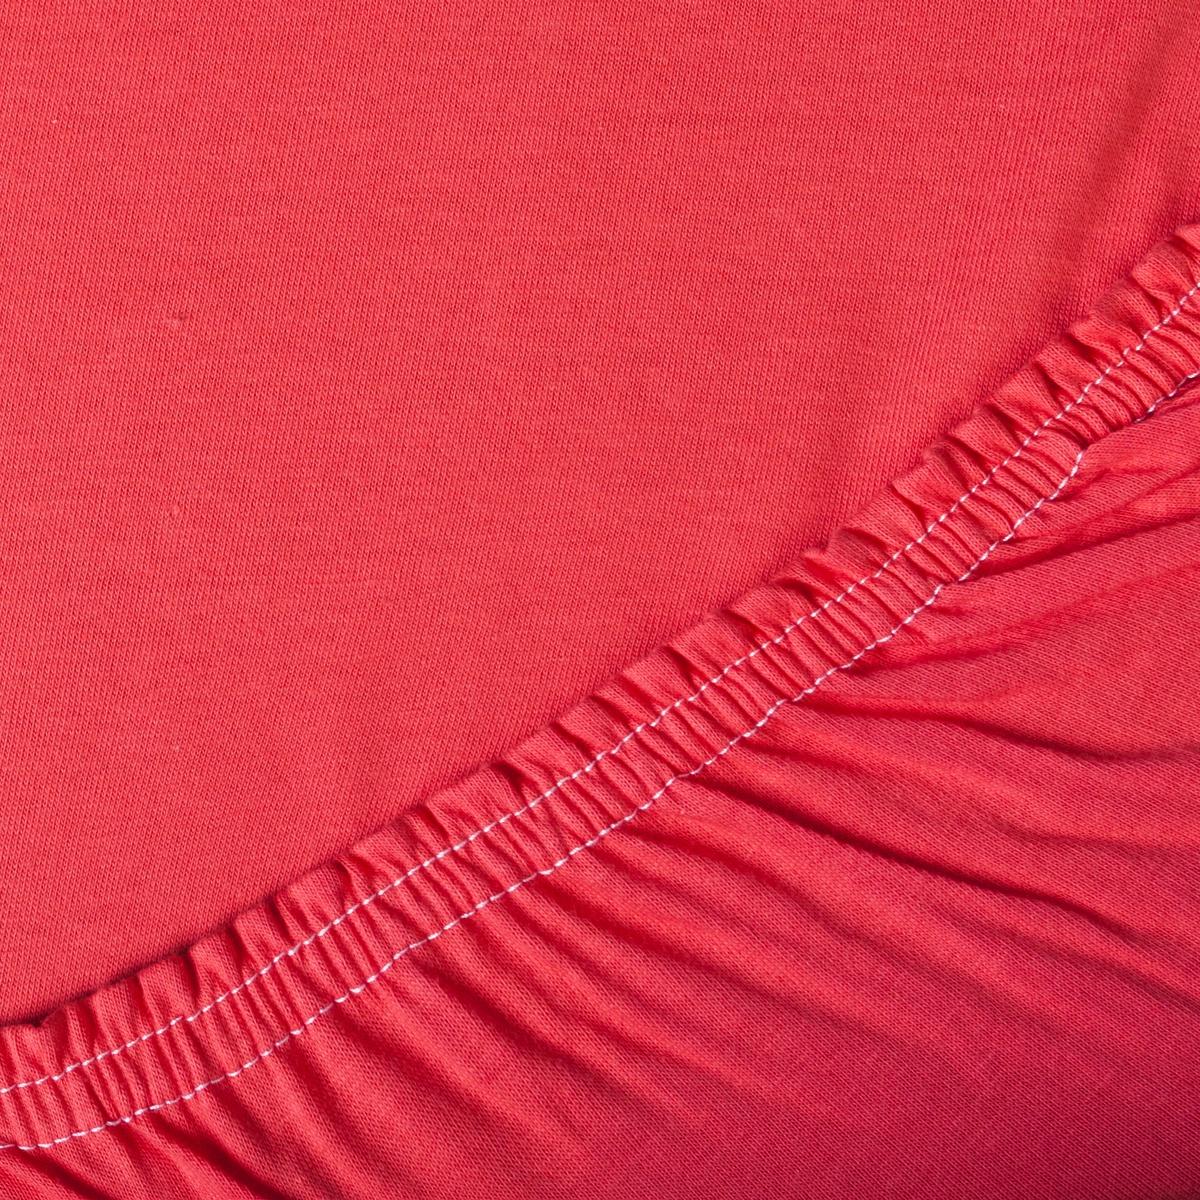 Простыня ТК Традиция Трикотажные простыни, для сна и отдыха, 1441/Коралловый, коралловый